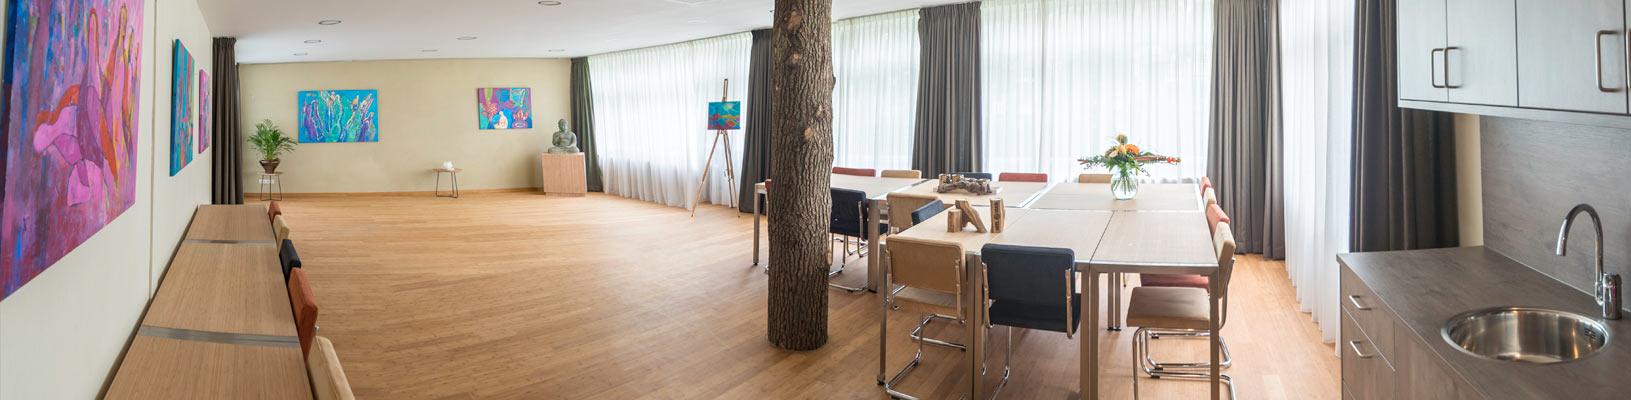 BasisCursus Energie & Bewustzijn HeelHuus Gezondheidscentrum Warnsveld Zutphen